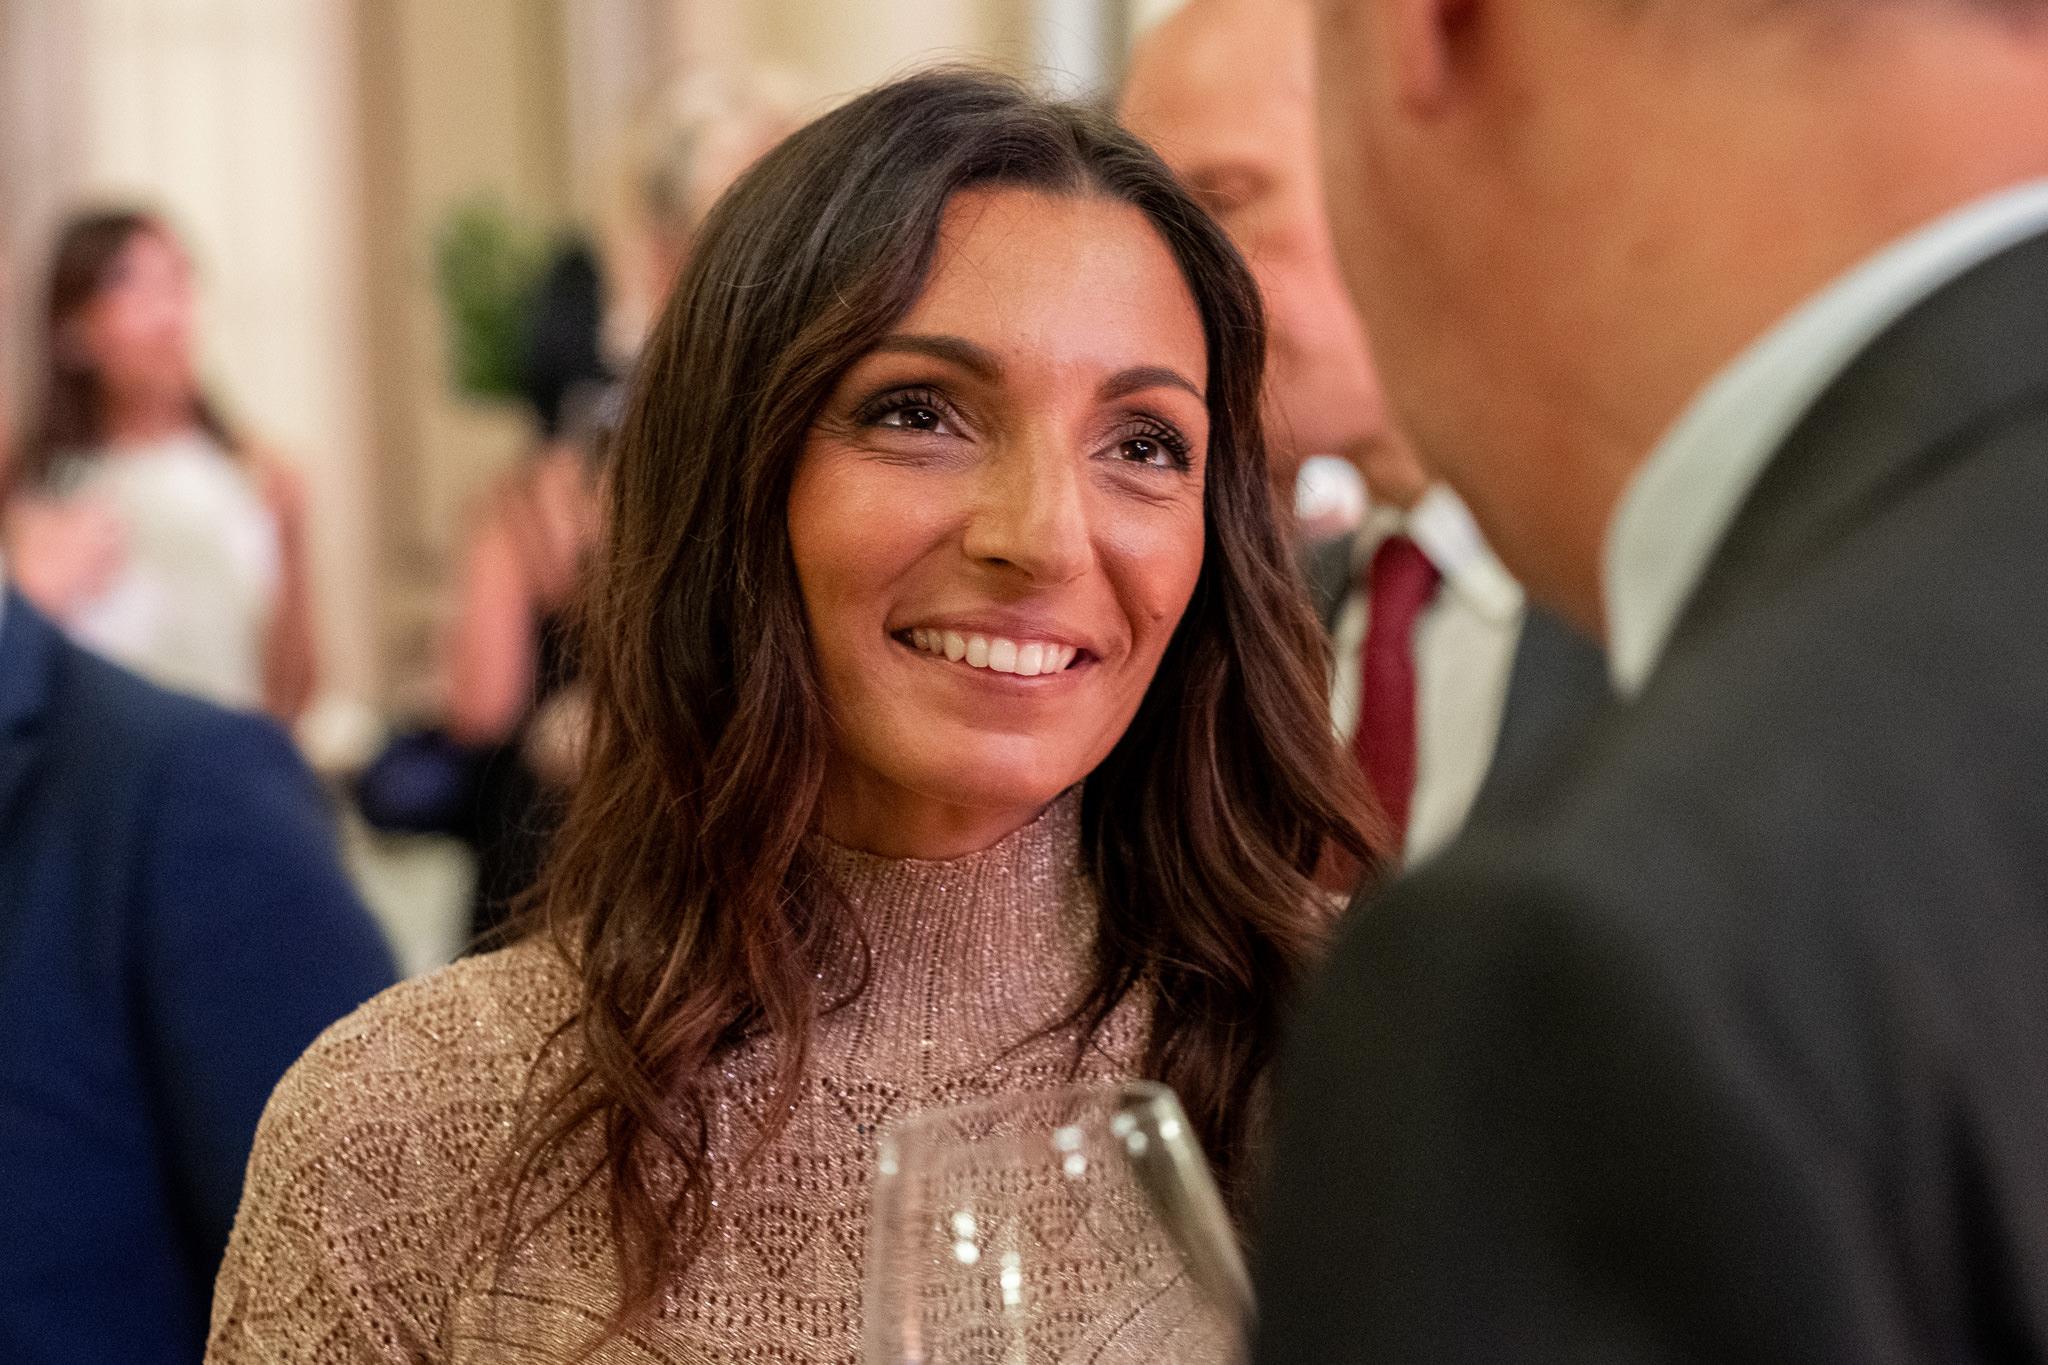 Ottavia Raffaelli chiacchiera in compagnia di un avvocato